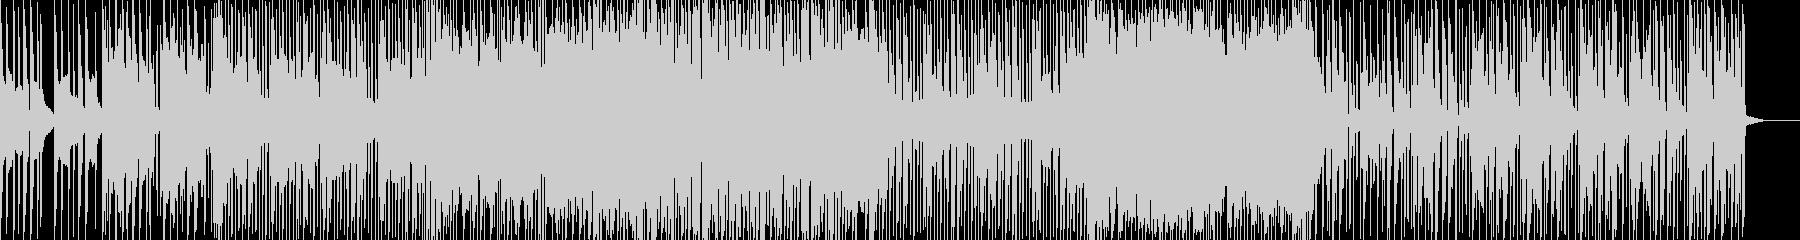 イントロのシンセ音が印象的なカッコイイ曲の未再生の波形